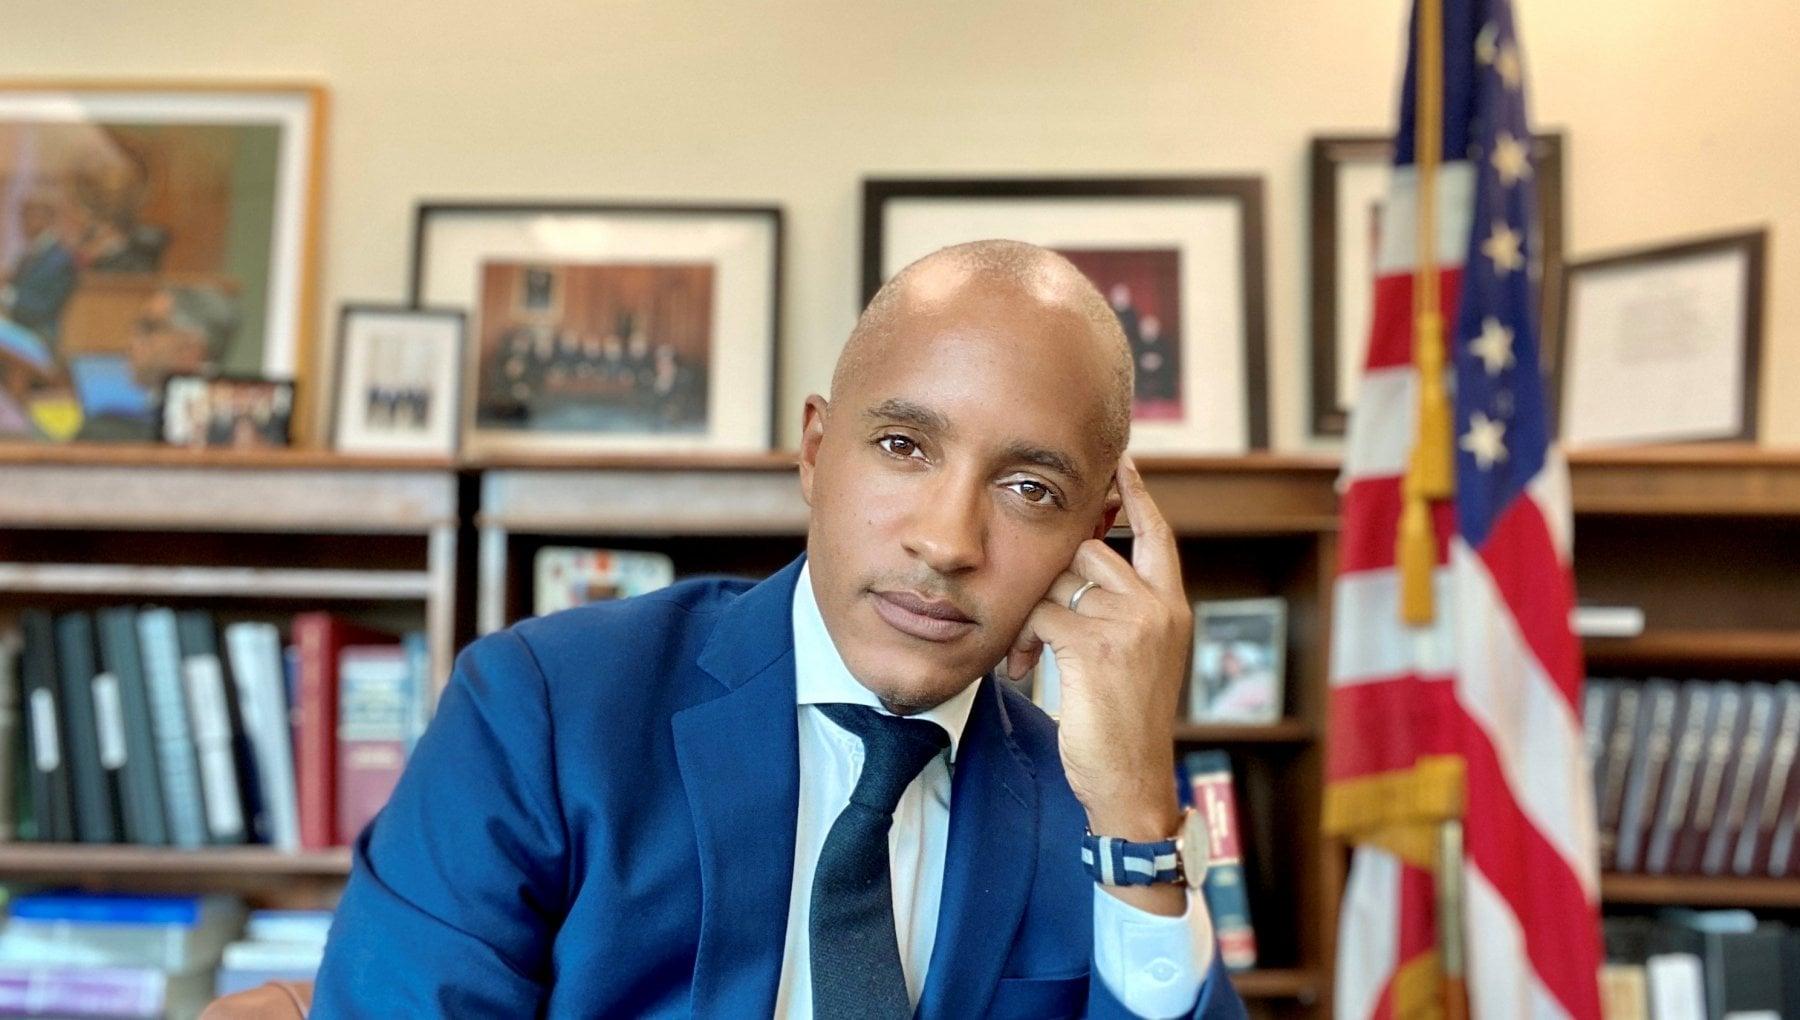 024245070 5cd9d596 d6c3 4716 936c e8871605305b - Usa: Biden nomina il primo procuratore federale afroamericano a Manhattan